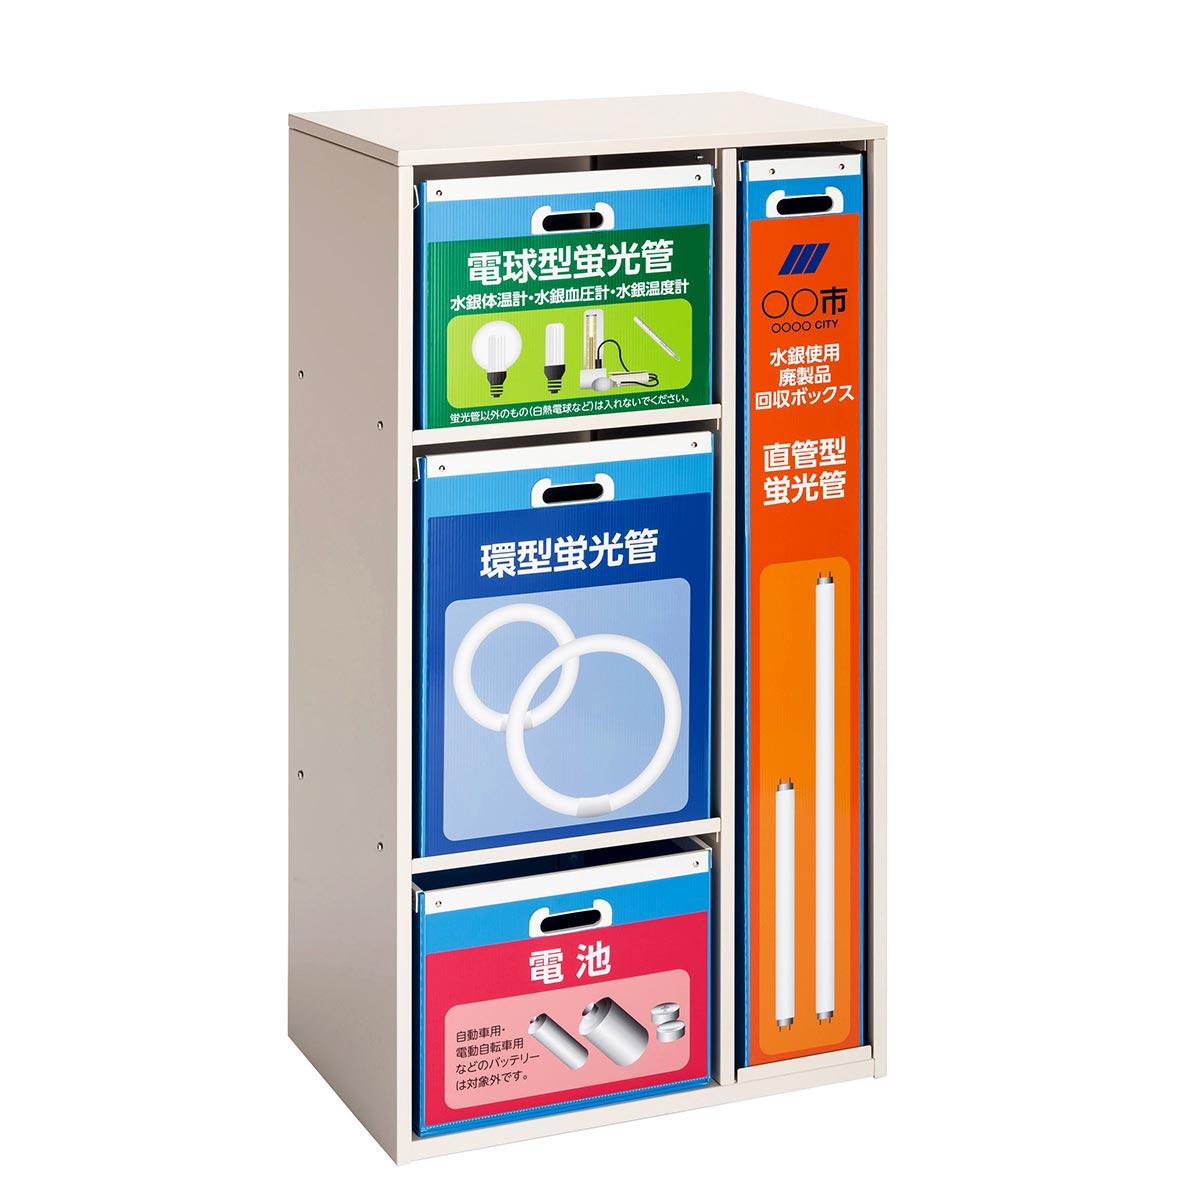 【単品配送】 テラモト 蛍光管回収リサイクルポスト (代引不可) DS-580-001-0